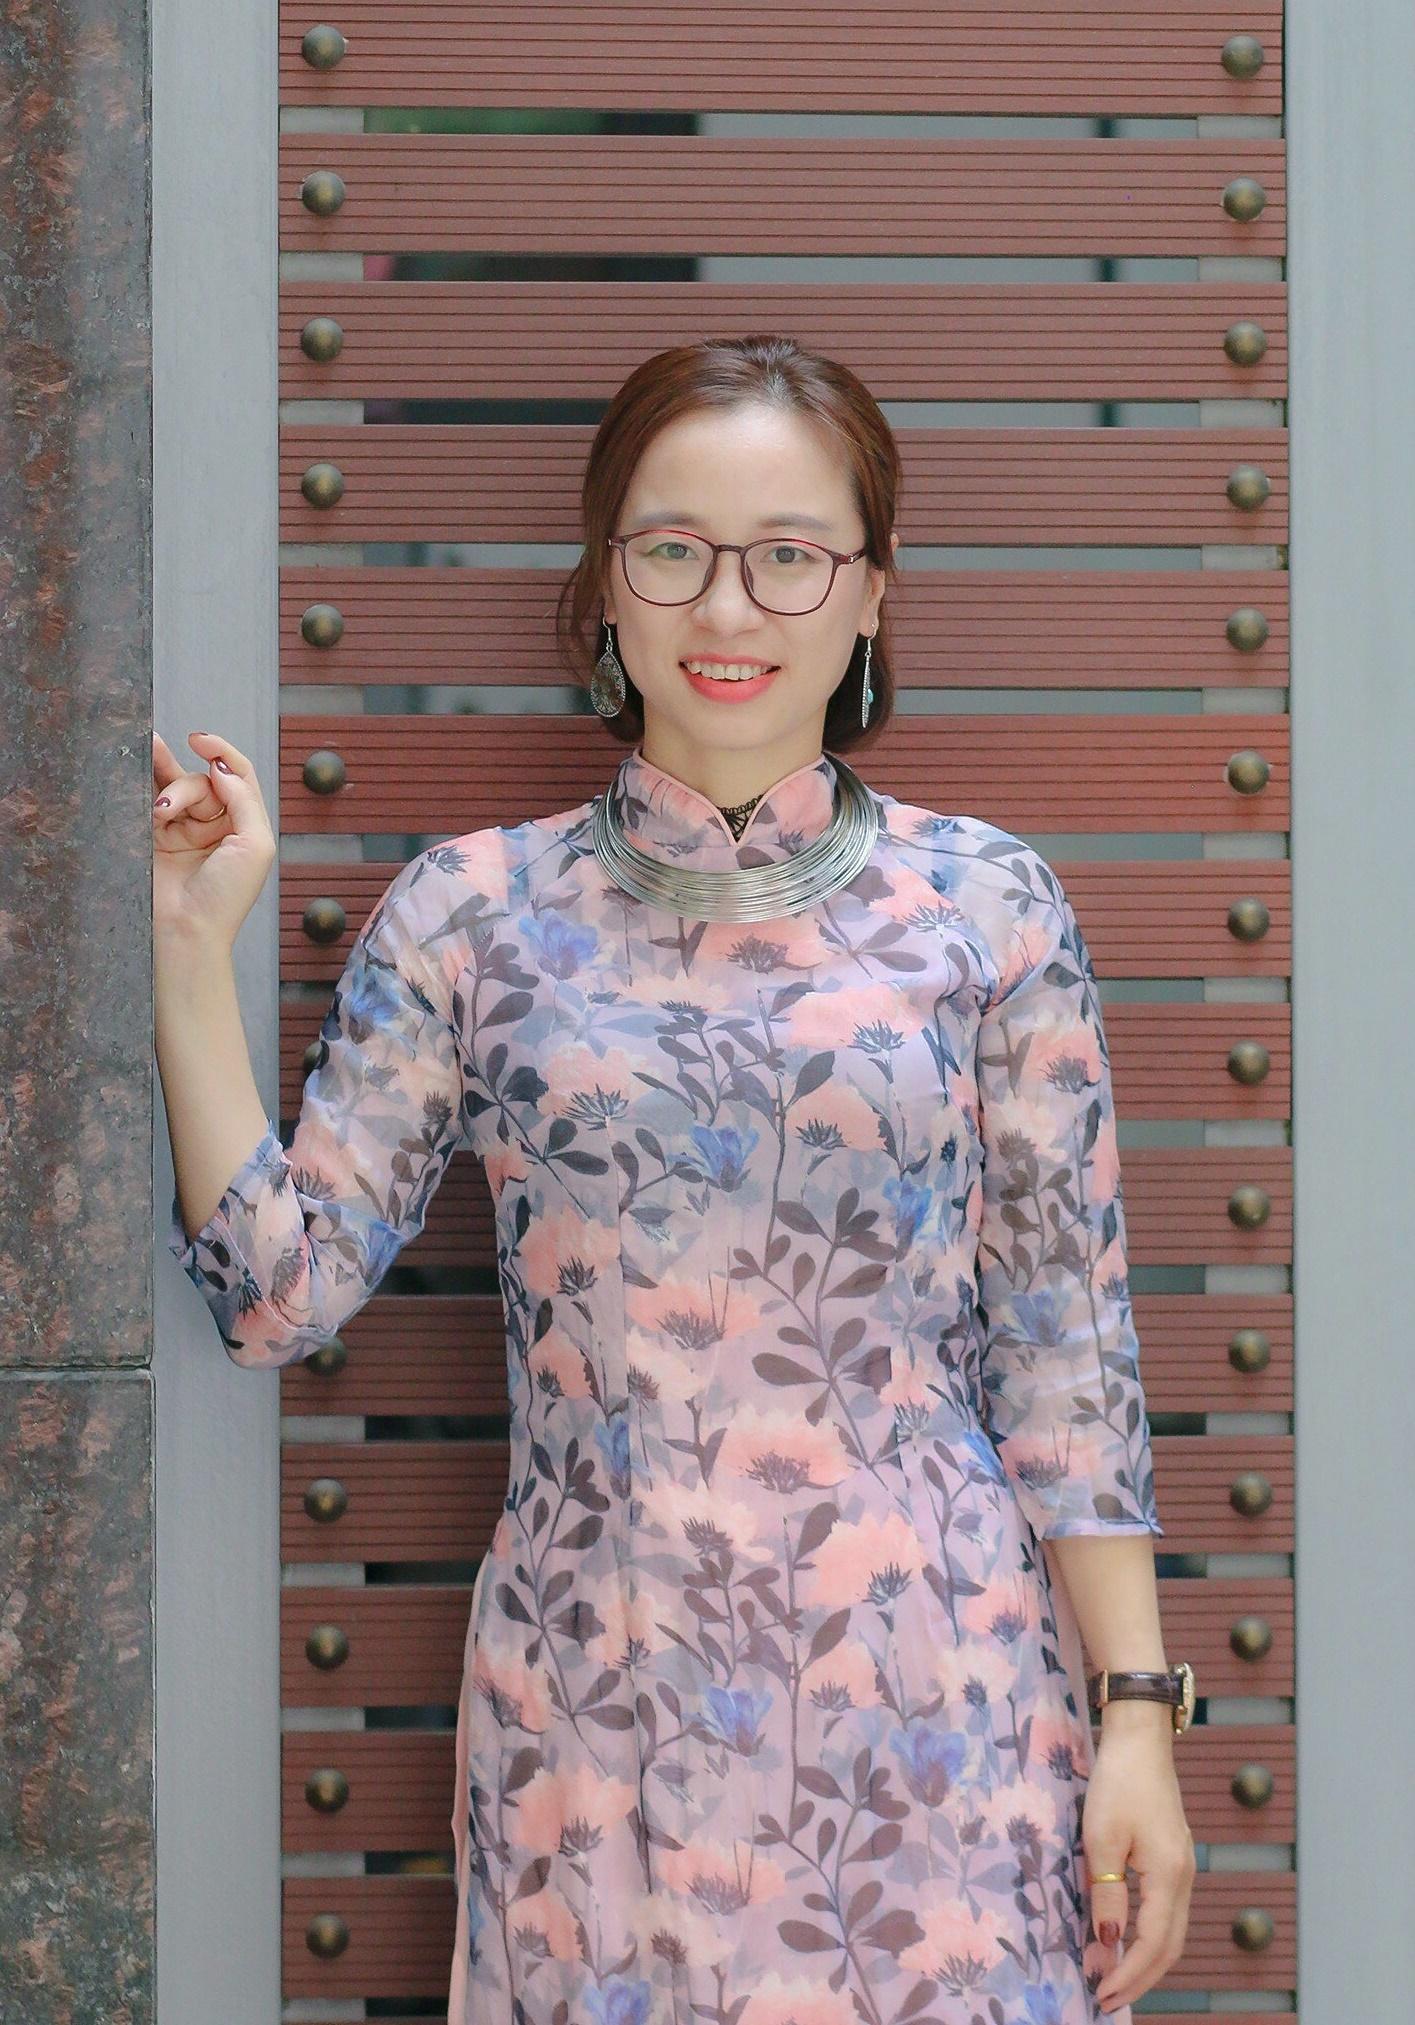 Cô Nguyễn Thị Phương, giảng viên trường Cao đẳng Sư phạm Trung ương. Ảnh: Nhân vật cung cấp